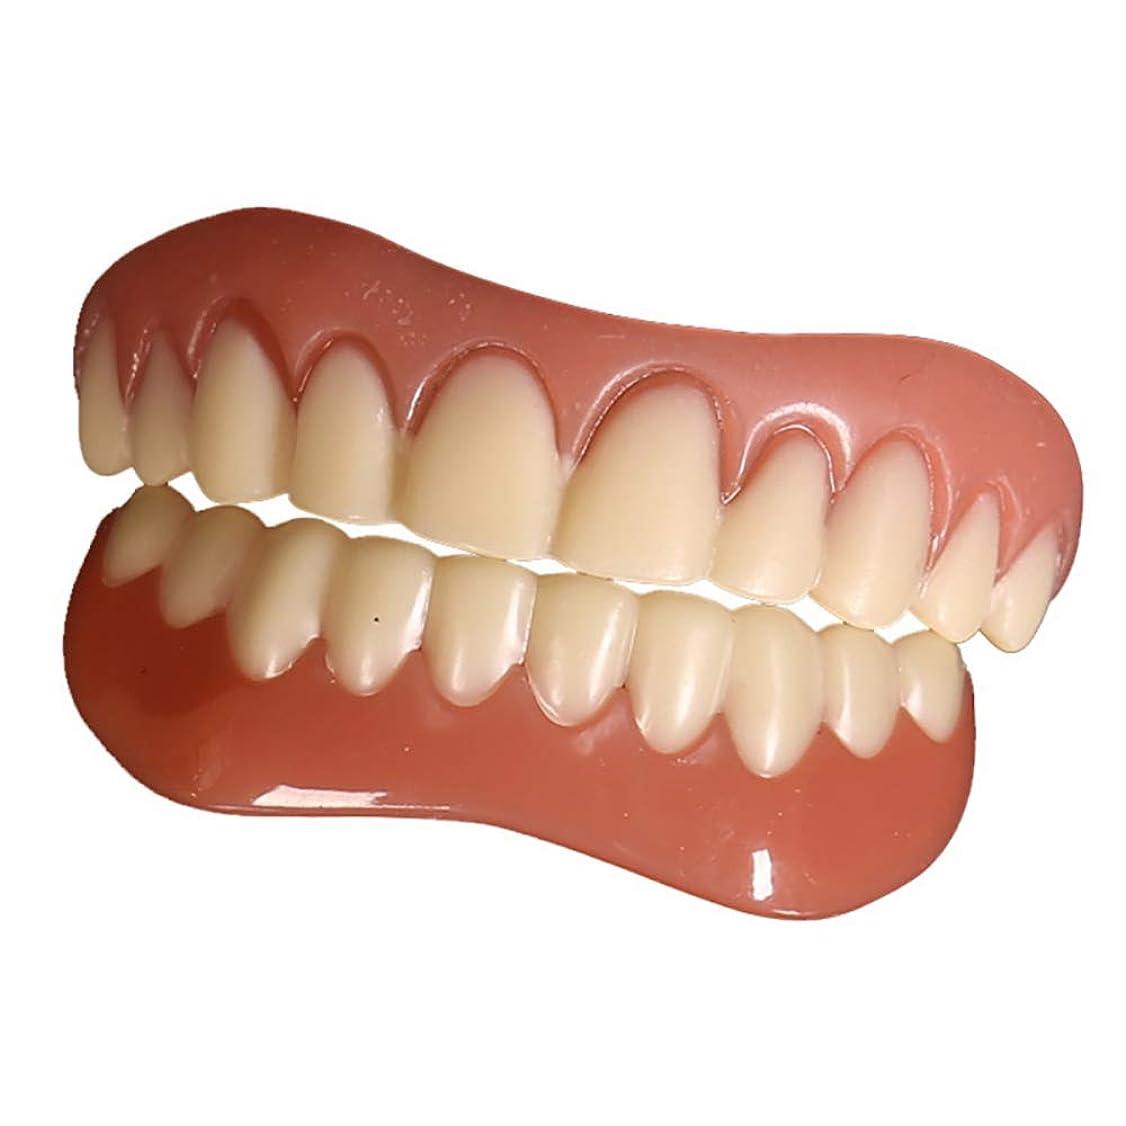 装備するデータ英語の授業があります2ピース歯のホワイトニングパーフェクトスマイルコンフォートフィットフレックスティーストップトゥース化粧品突き板ワンサイズフィットすべて